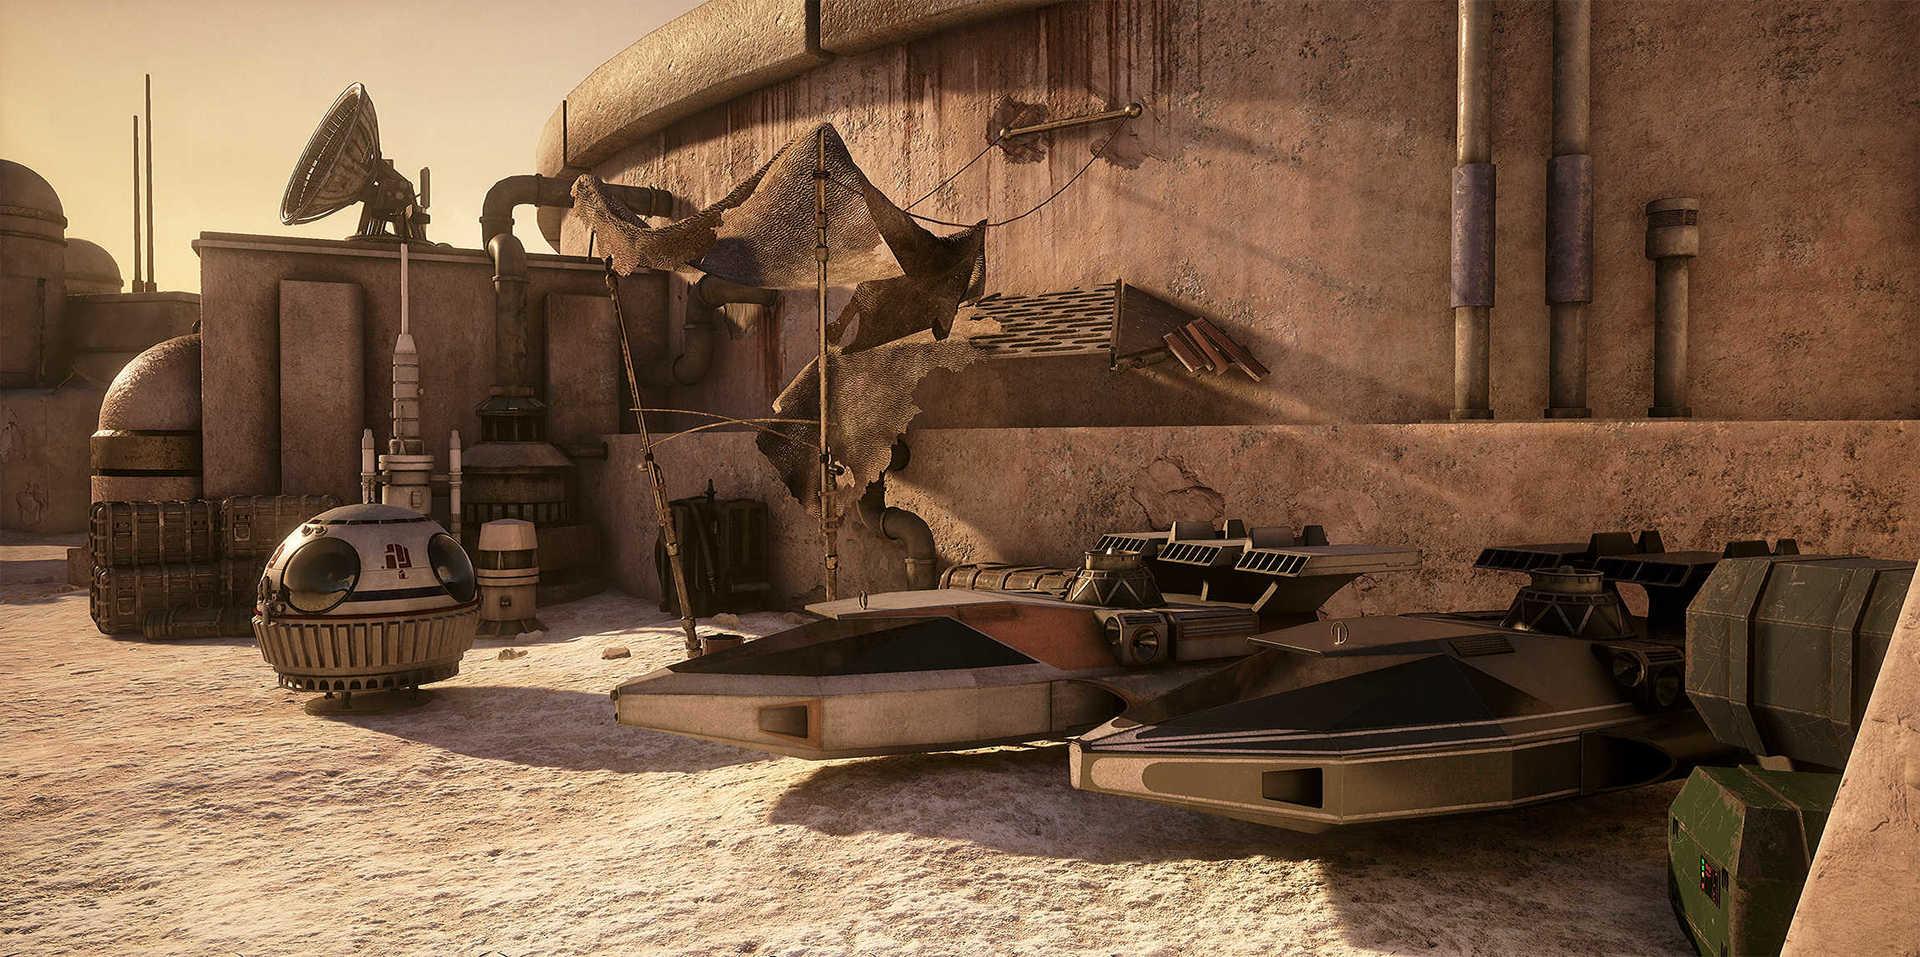 Создание сцены из Star Wars в Unreal Engine 4 - 27